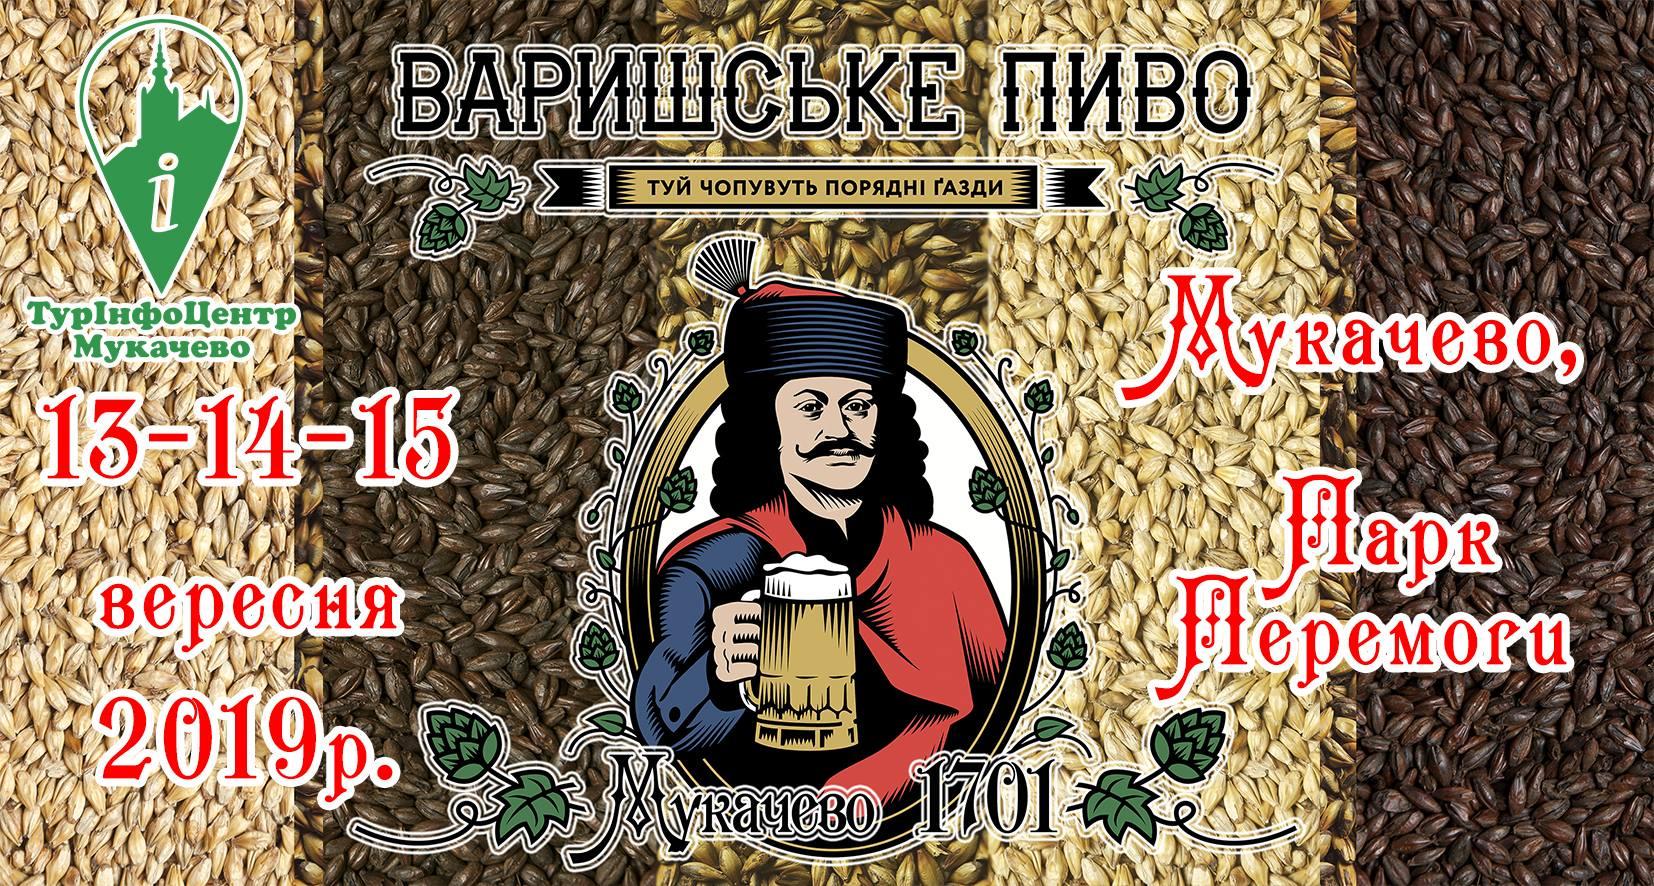 """Любителів крафтового пива запрошують в місто Мукачево, де 13- 14 – 15 вересня 2019 року пройде традиційний пивний фестиваль Закарпаття – """"Варишське пиво""""."""